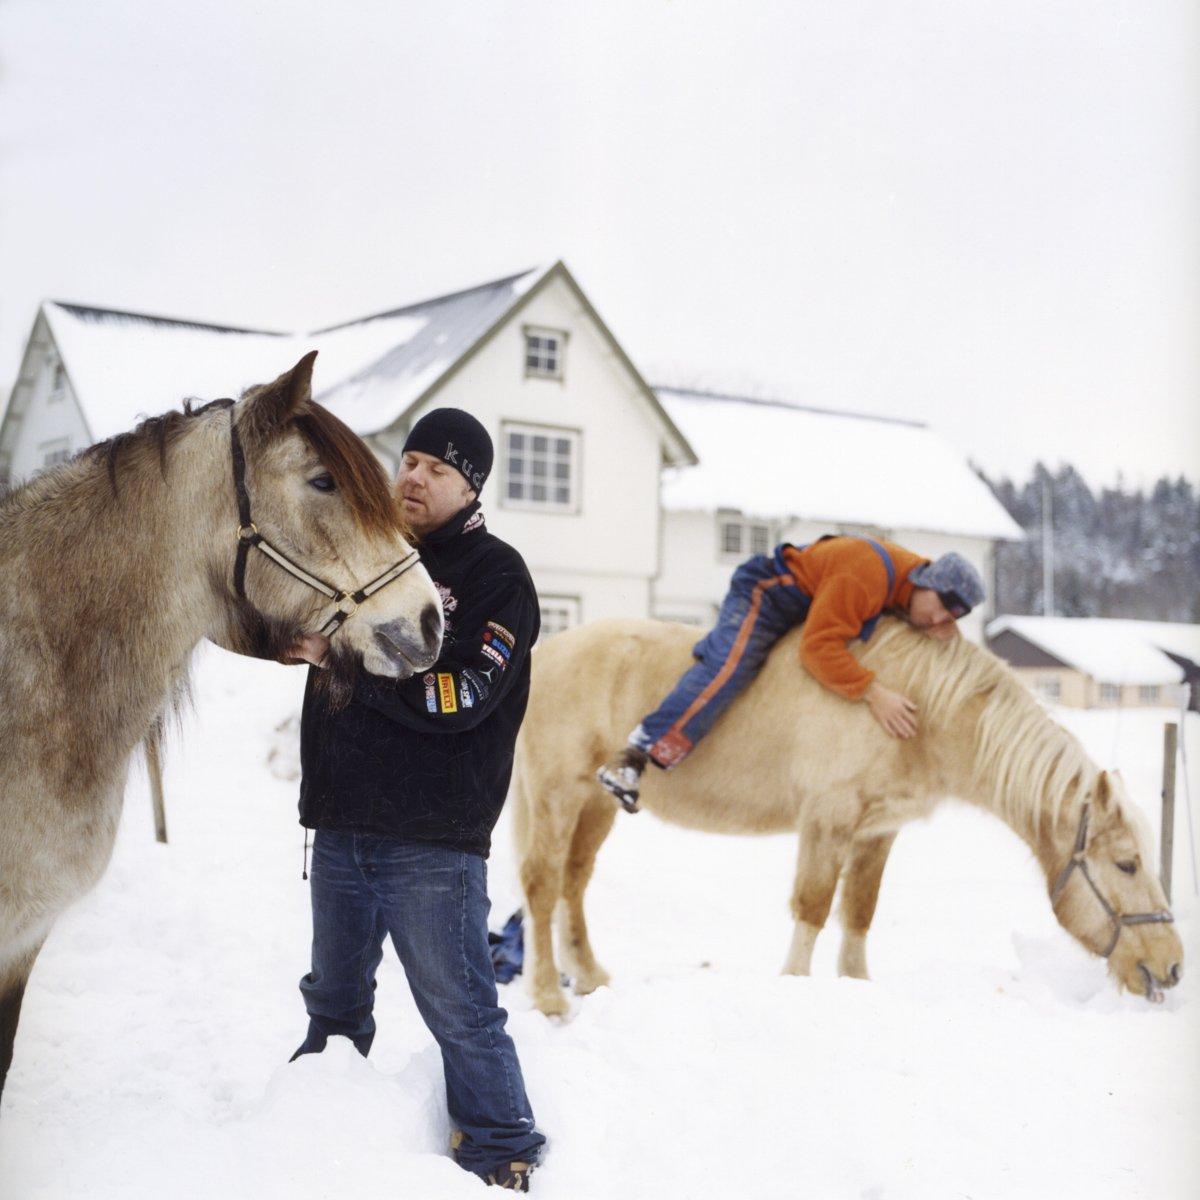 Prisão da Noruega para criminosos violentos parece mais uma colônia de fêrias 09